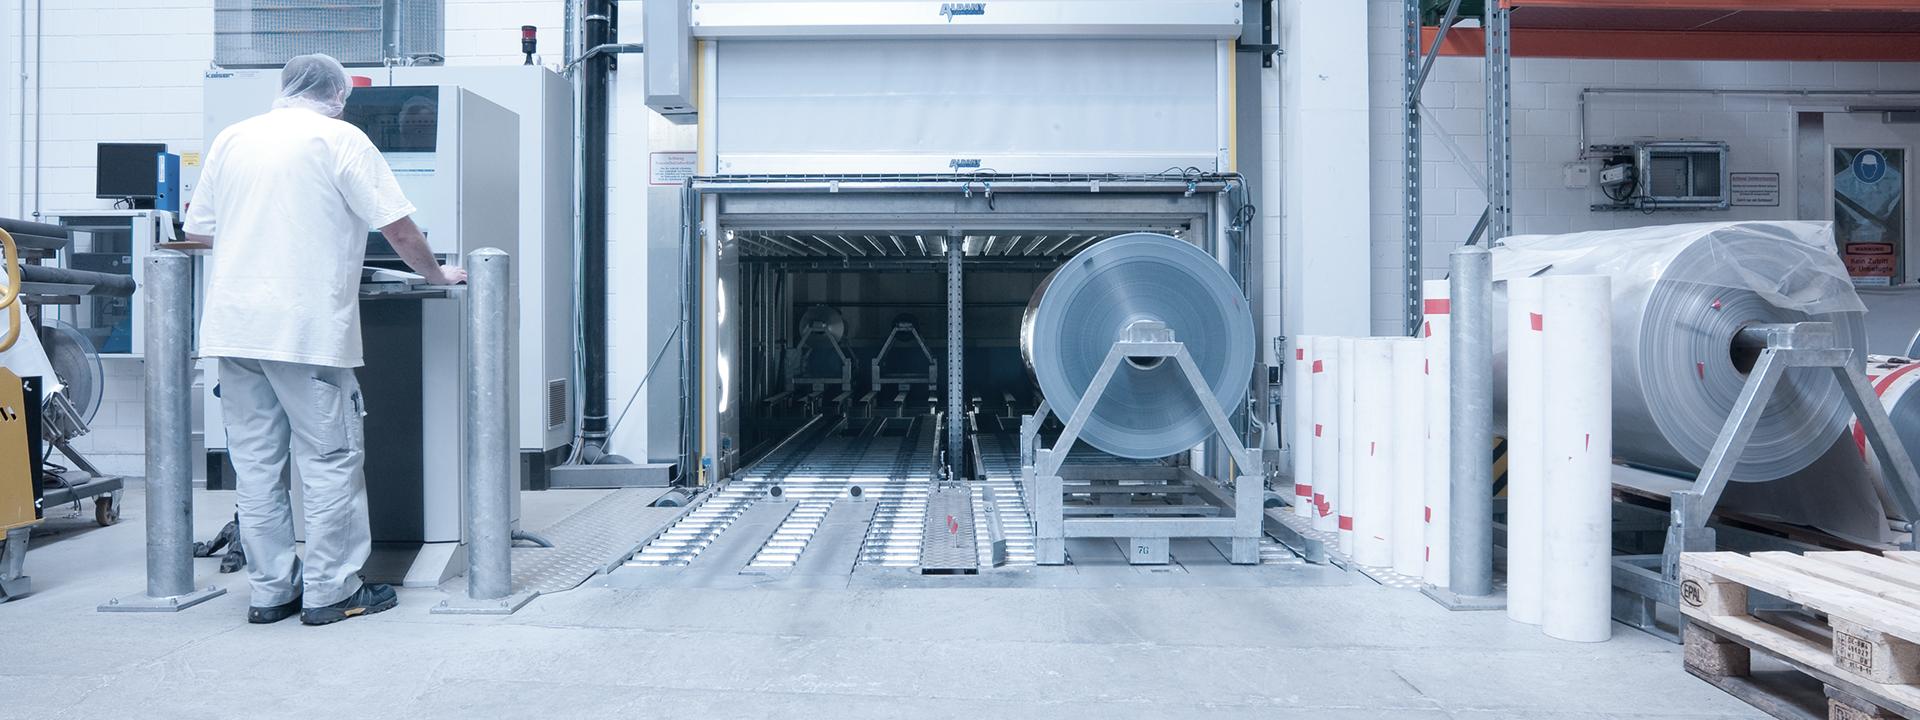 Planungskompetenz für eine saubere und effiziente Verpackungswirtschaft.